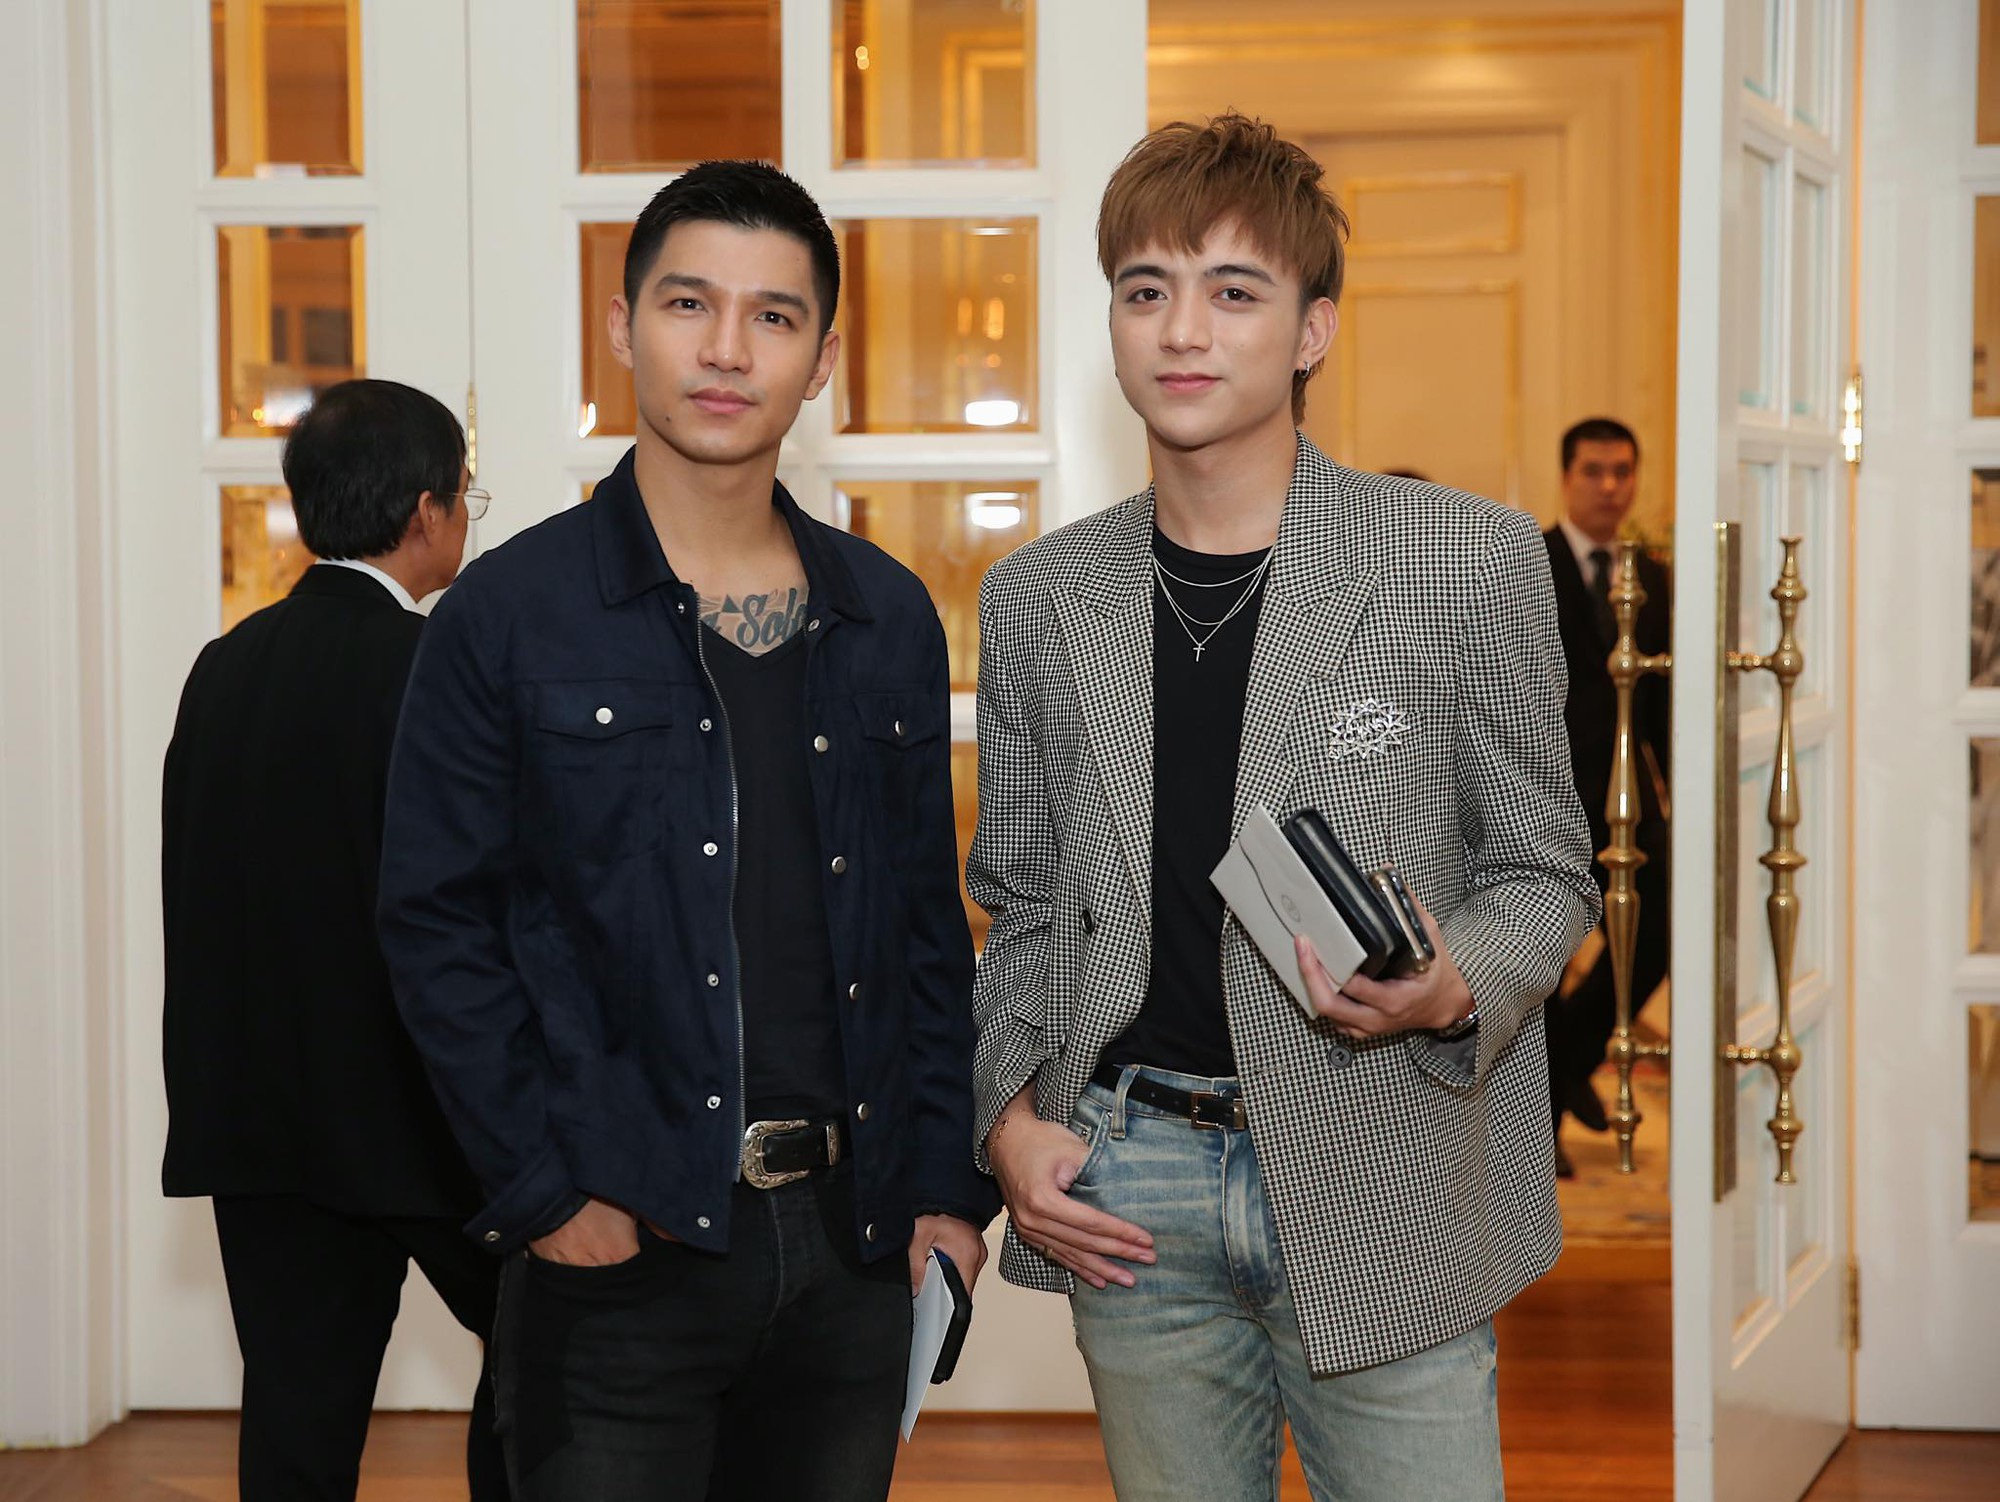 Cuối năm tất bật, dàn sao Việt vẫn dành thời gian đến dự đám cưới Lê Hiếu - Ảnh 12.